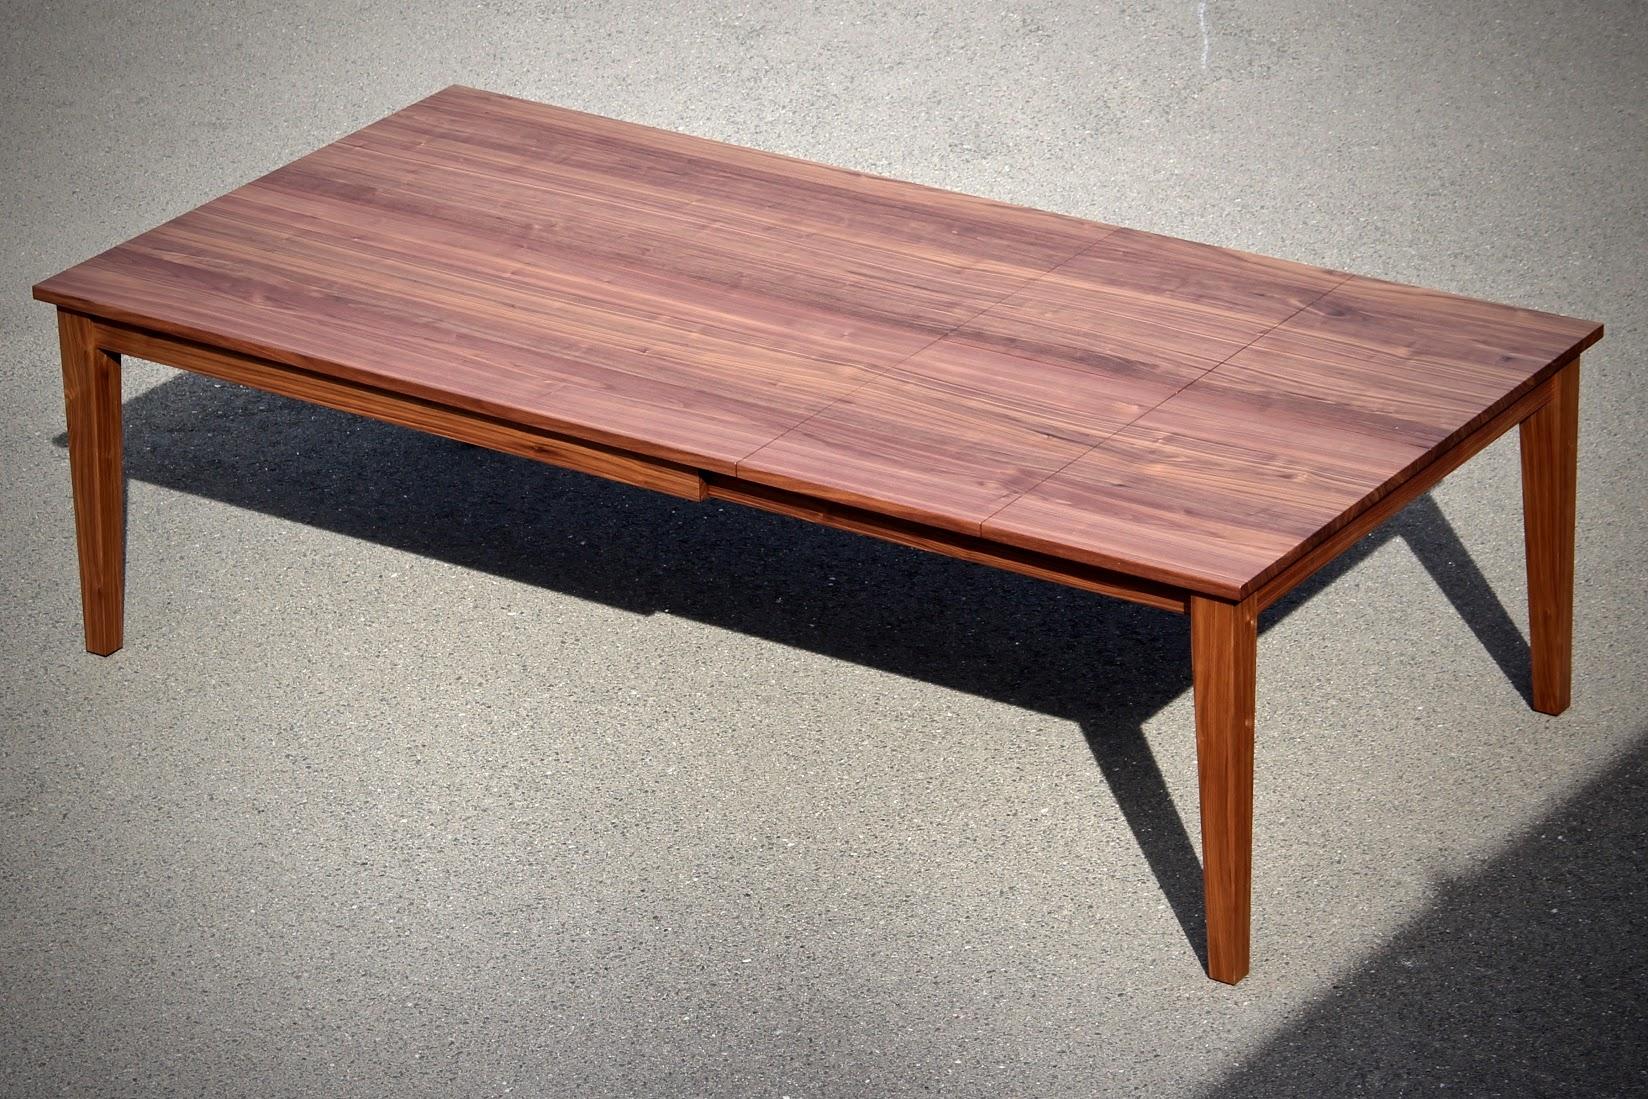 esstisch walnuss ausziehbar best ethnicraft walnuss osso table esstisch with esstisch walnuss. Black Bedroom Furniture Sets. Home Design Ideas